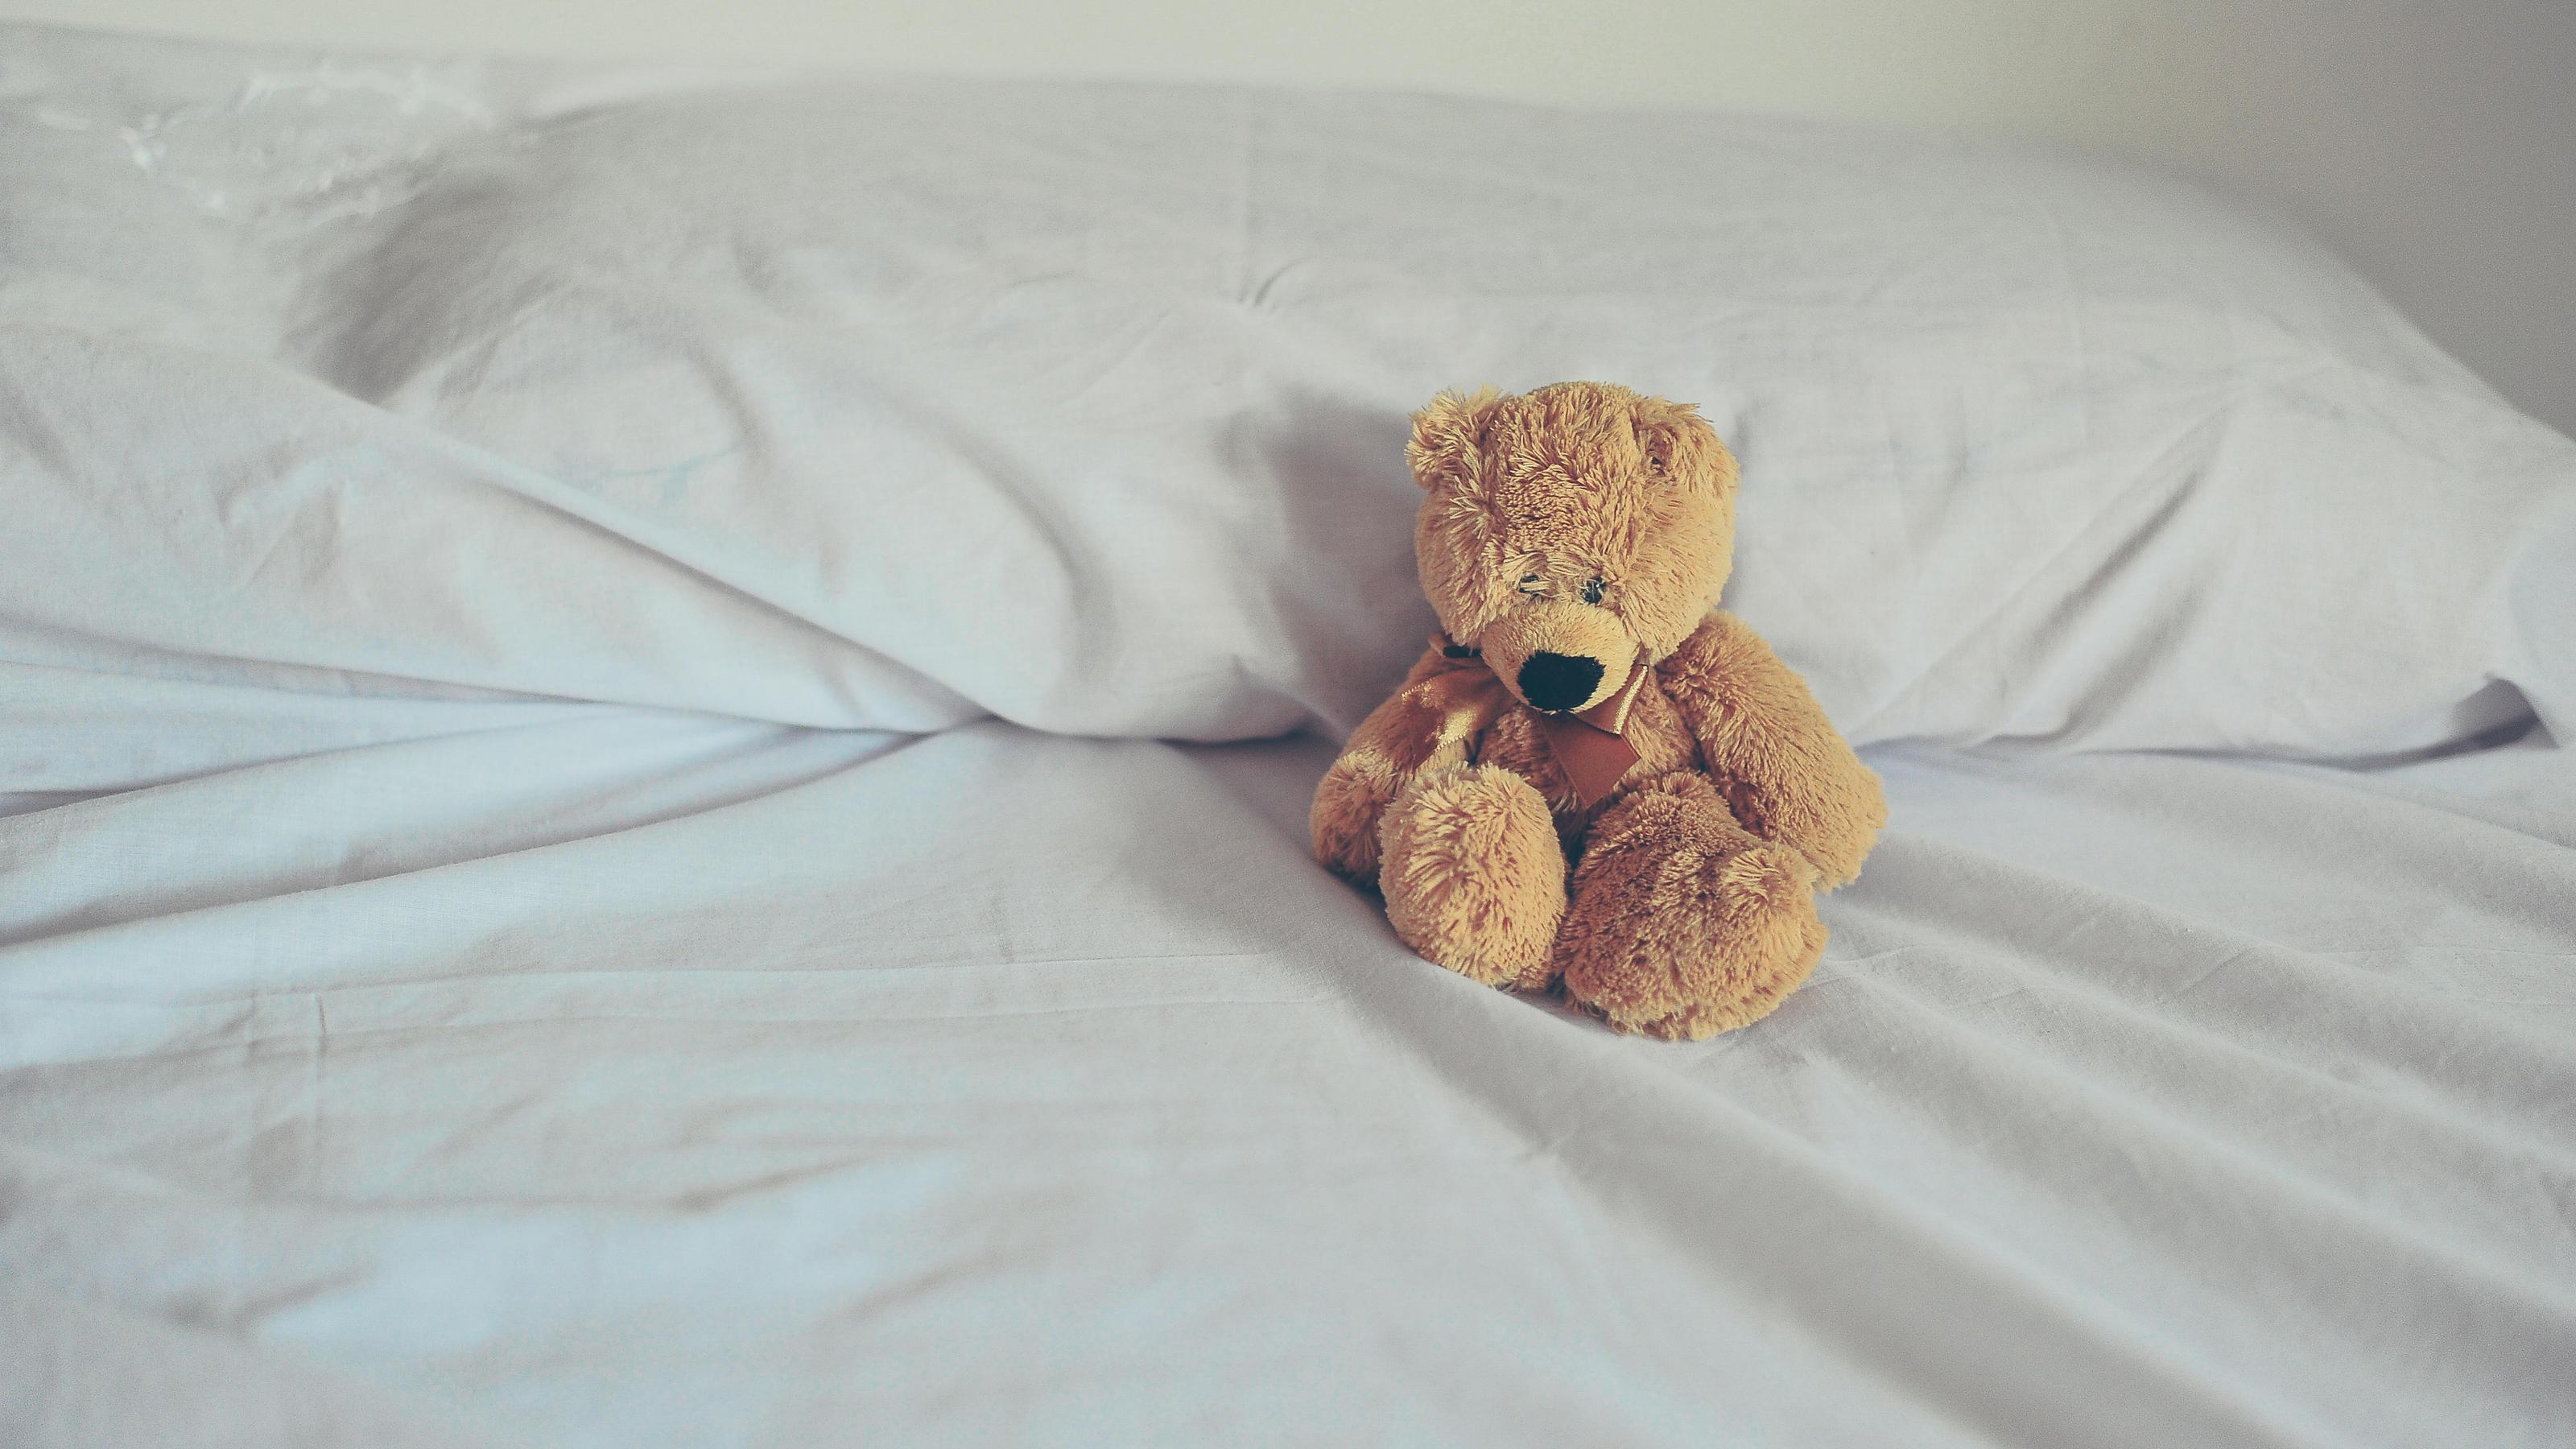 Berlin: kind 8 stürzt aus hochbett in den tod geldstrafe für eltern